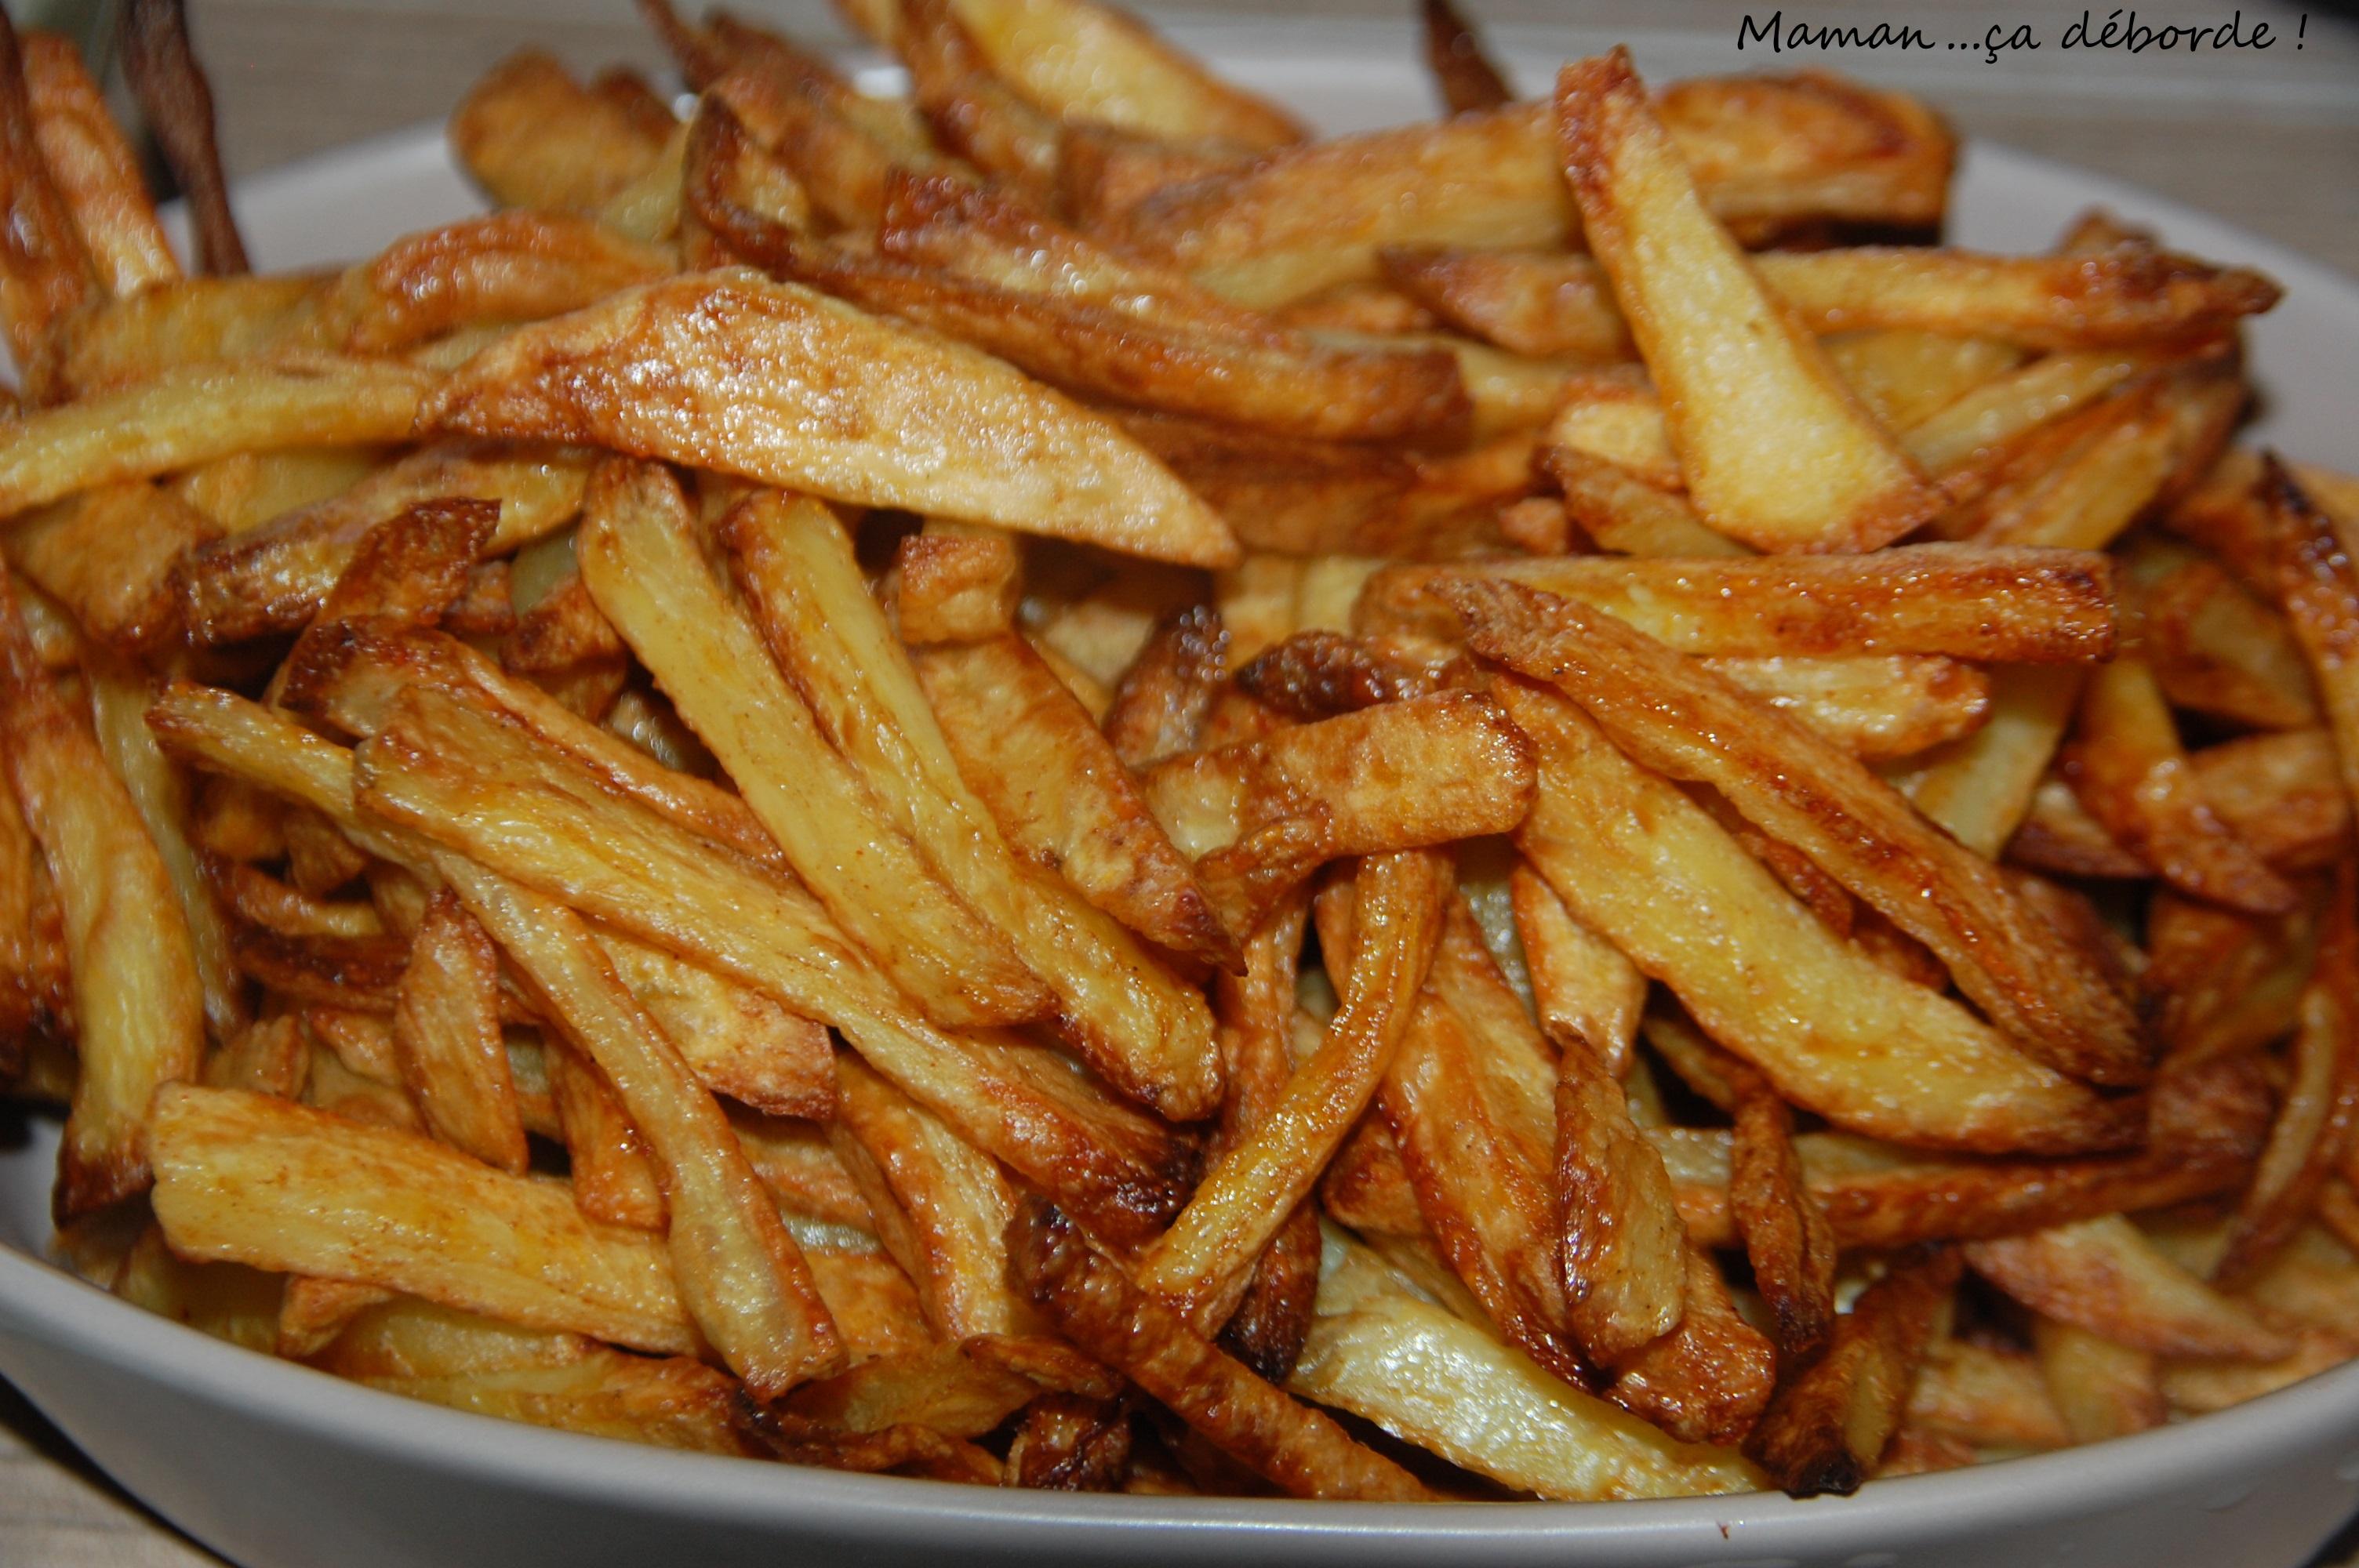 Moules frites maman a d borde - Frites pour friteuse au four ...